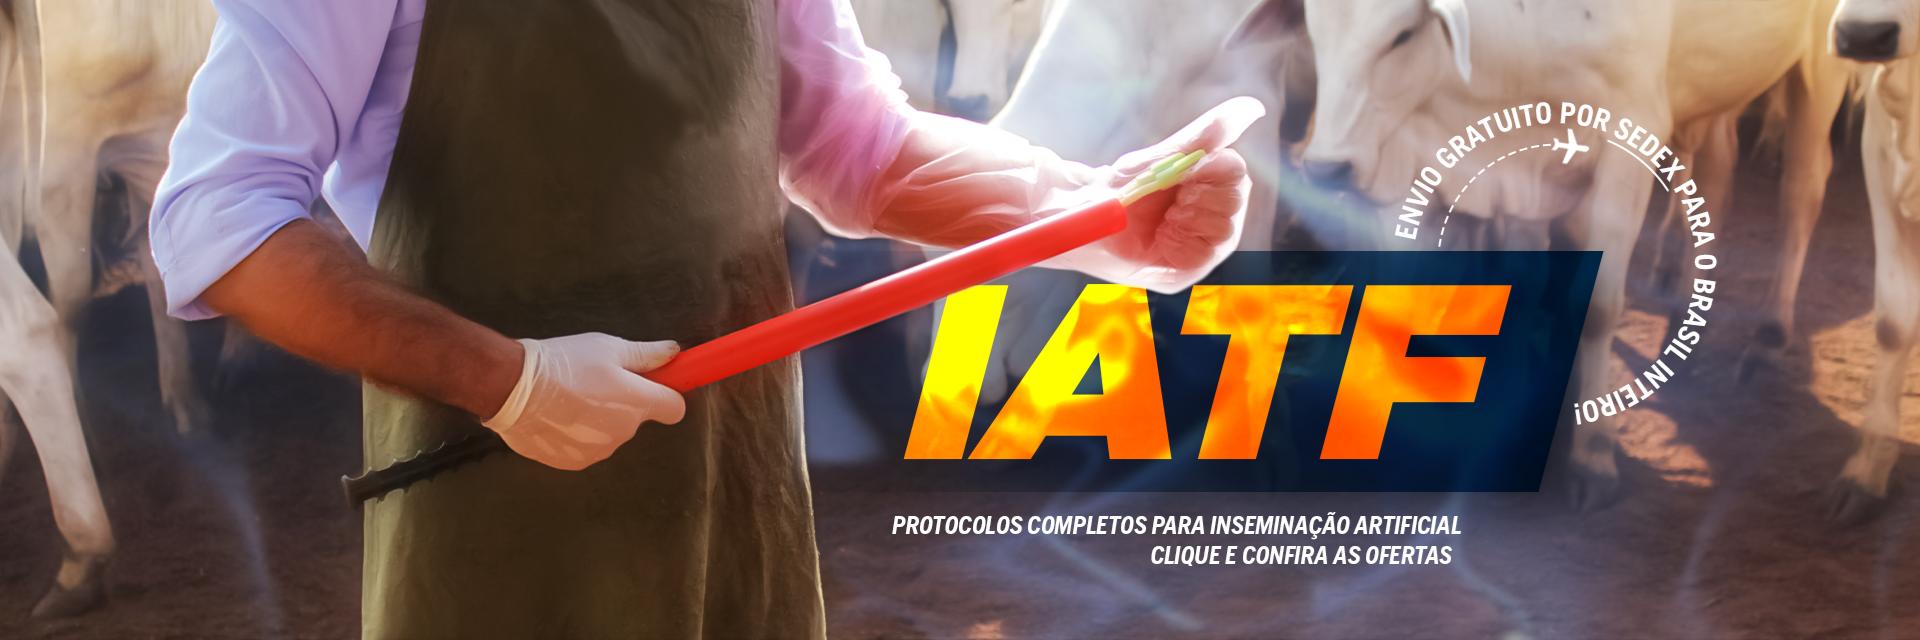 kit iatf